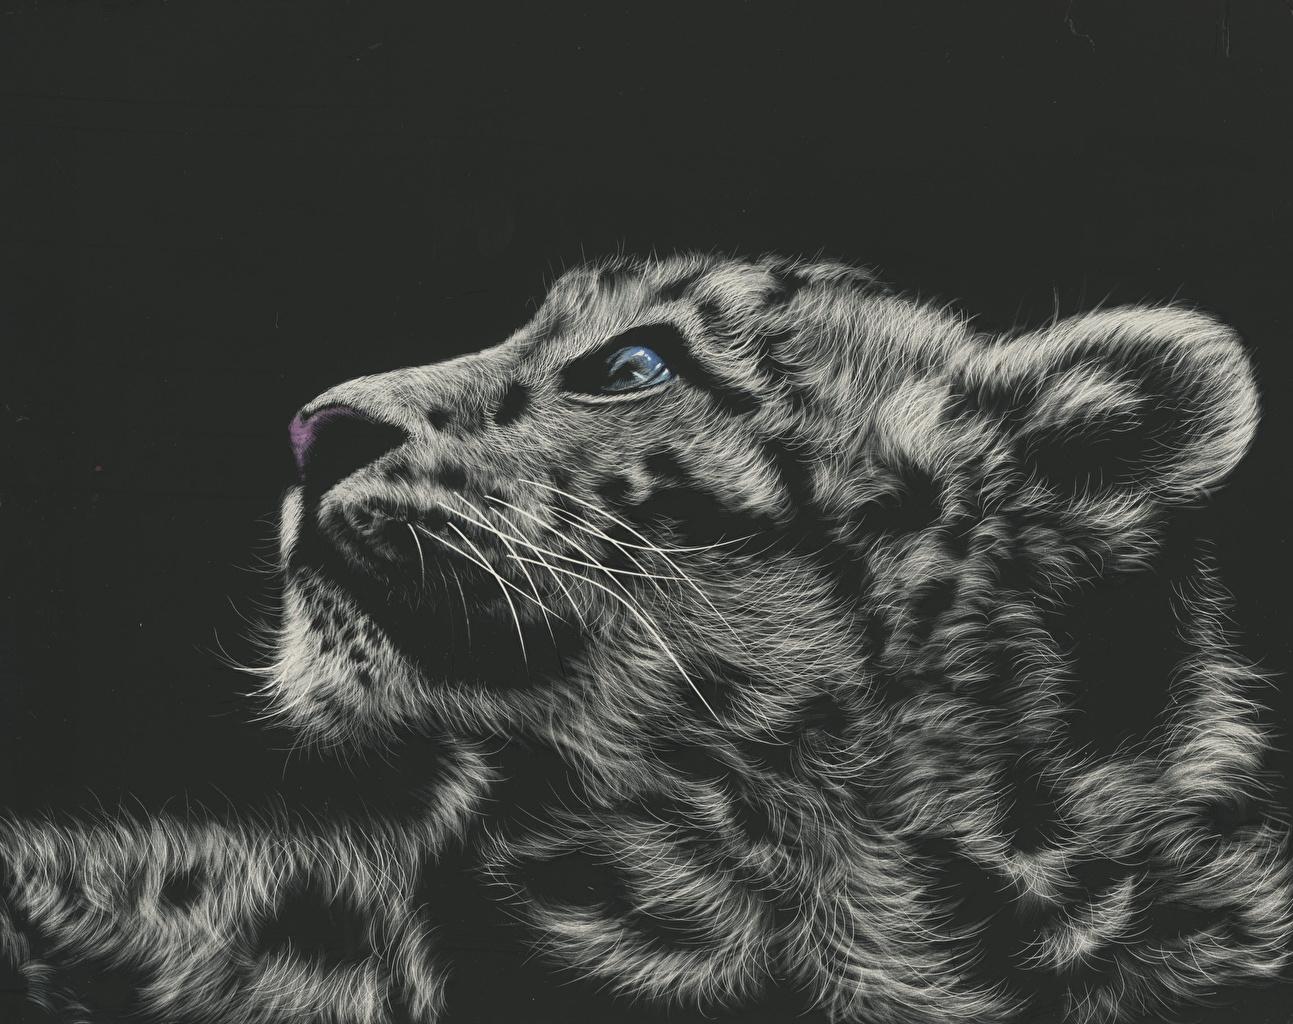 Animales Felino Leopardos Fondo De Pantalla Fondos De: Fondos De Pantalla Grandes Felinos Dibujado Leopardo De